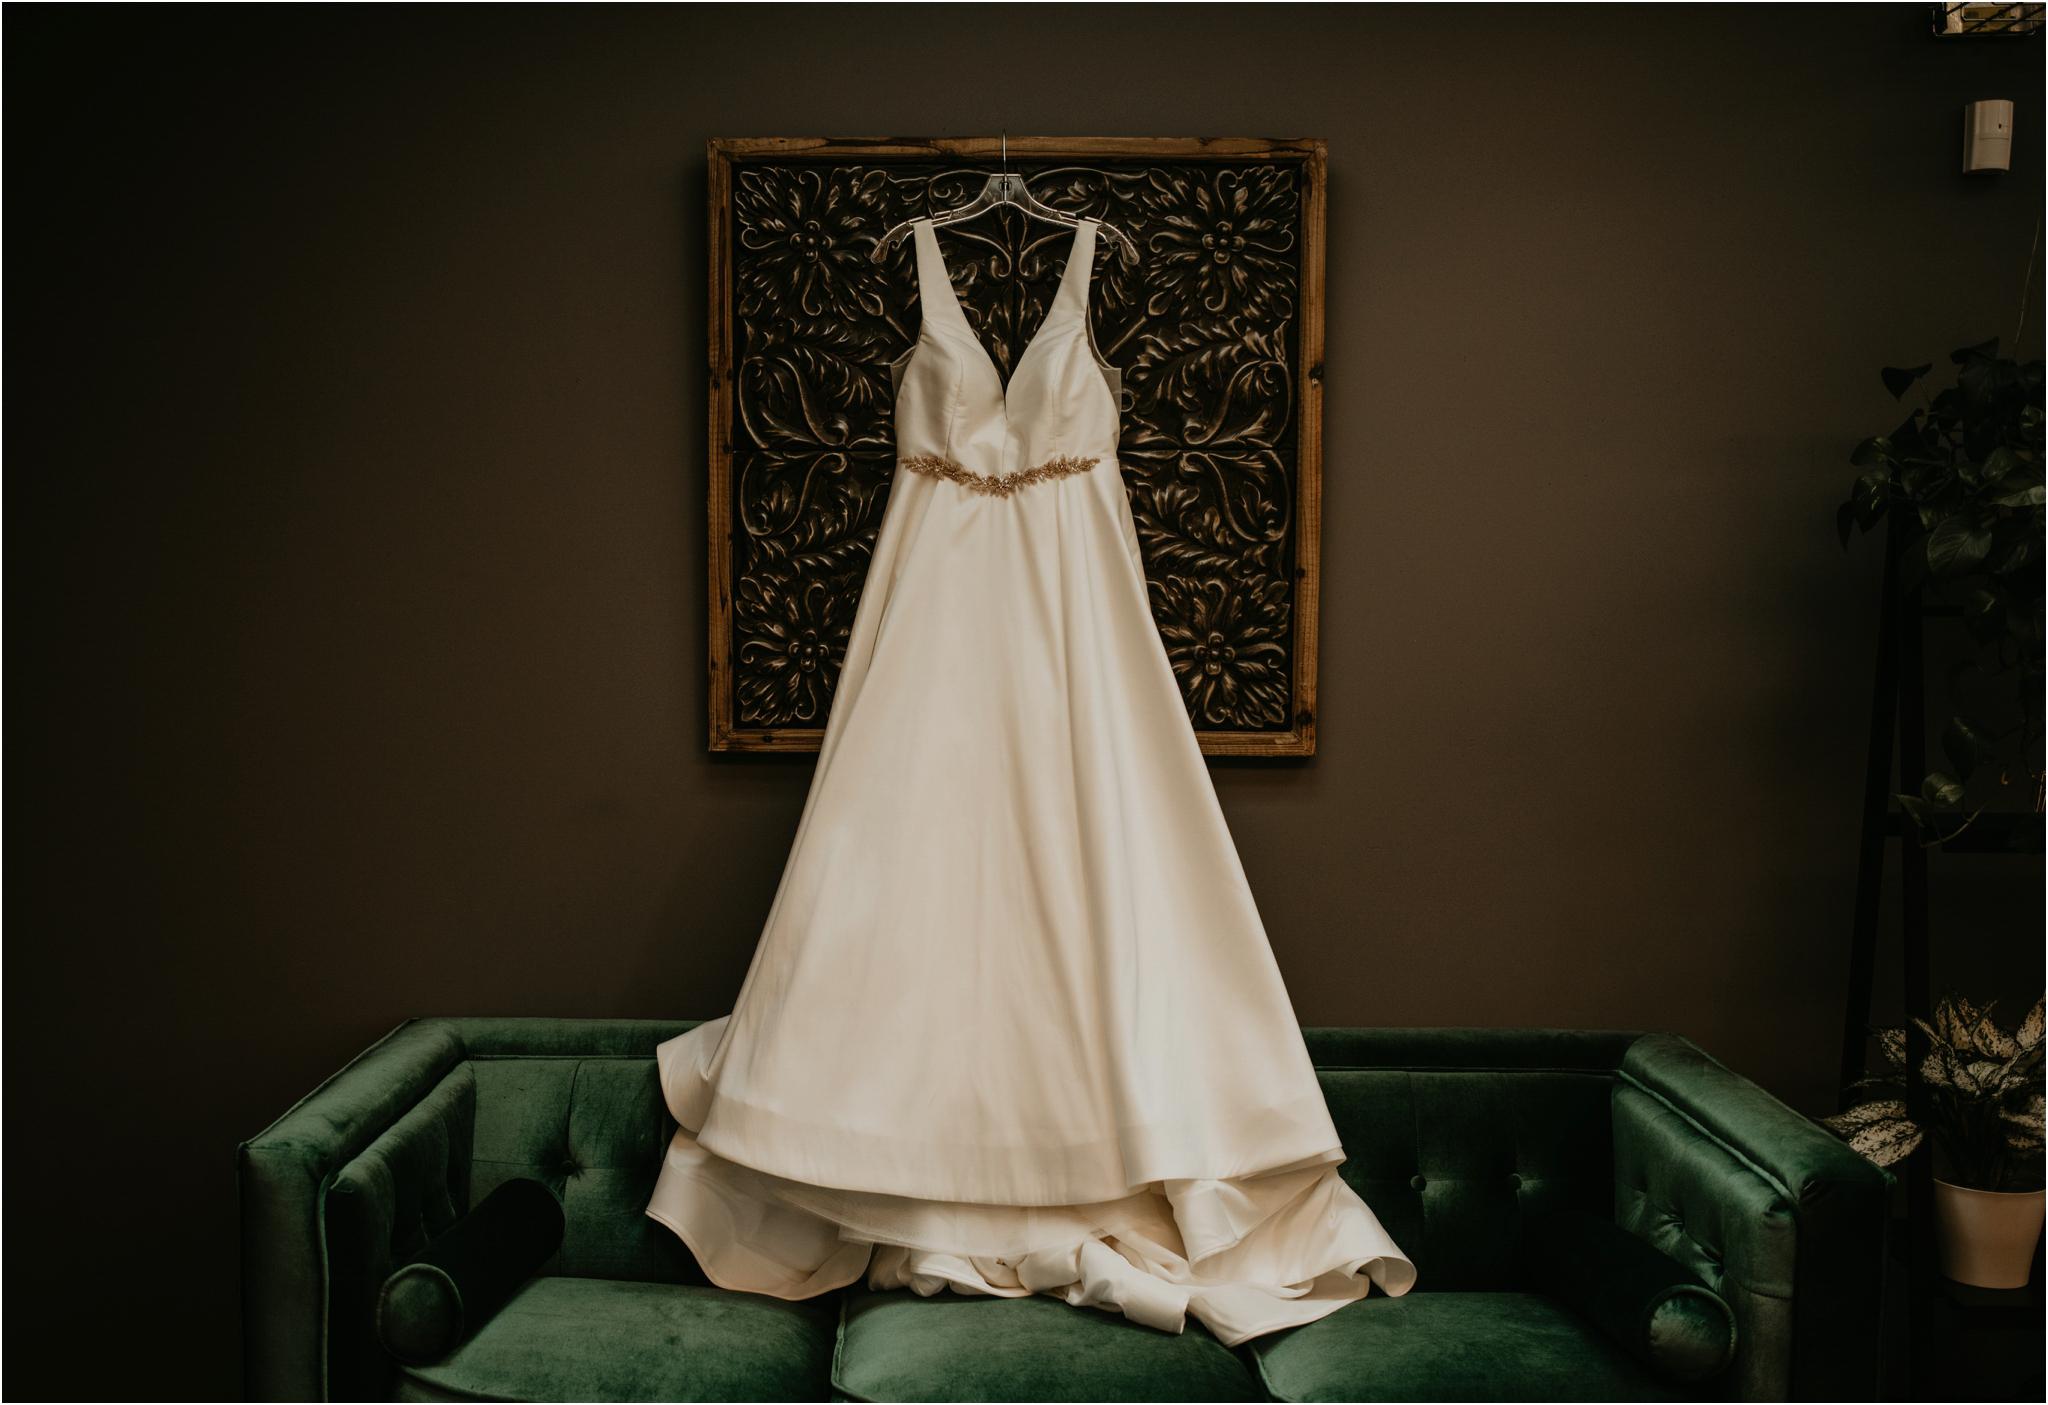 ashley-and-david-fremont-foundry-seattle-washington-wedding-photographer-001.jpg